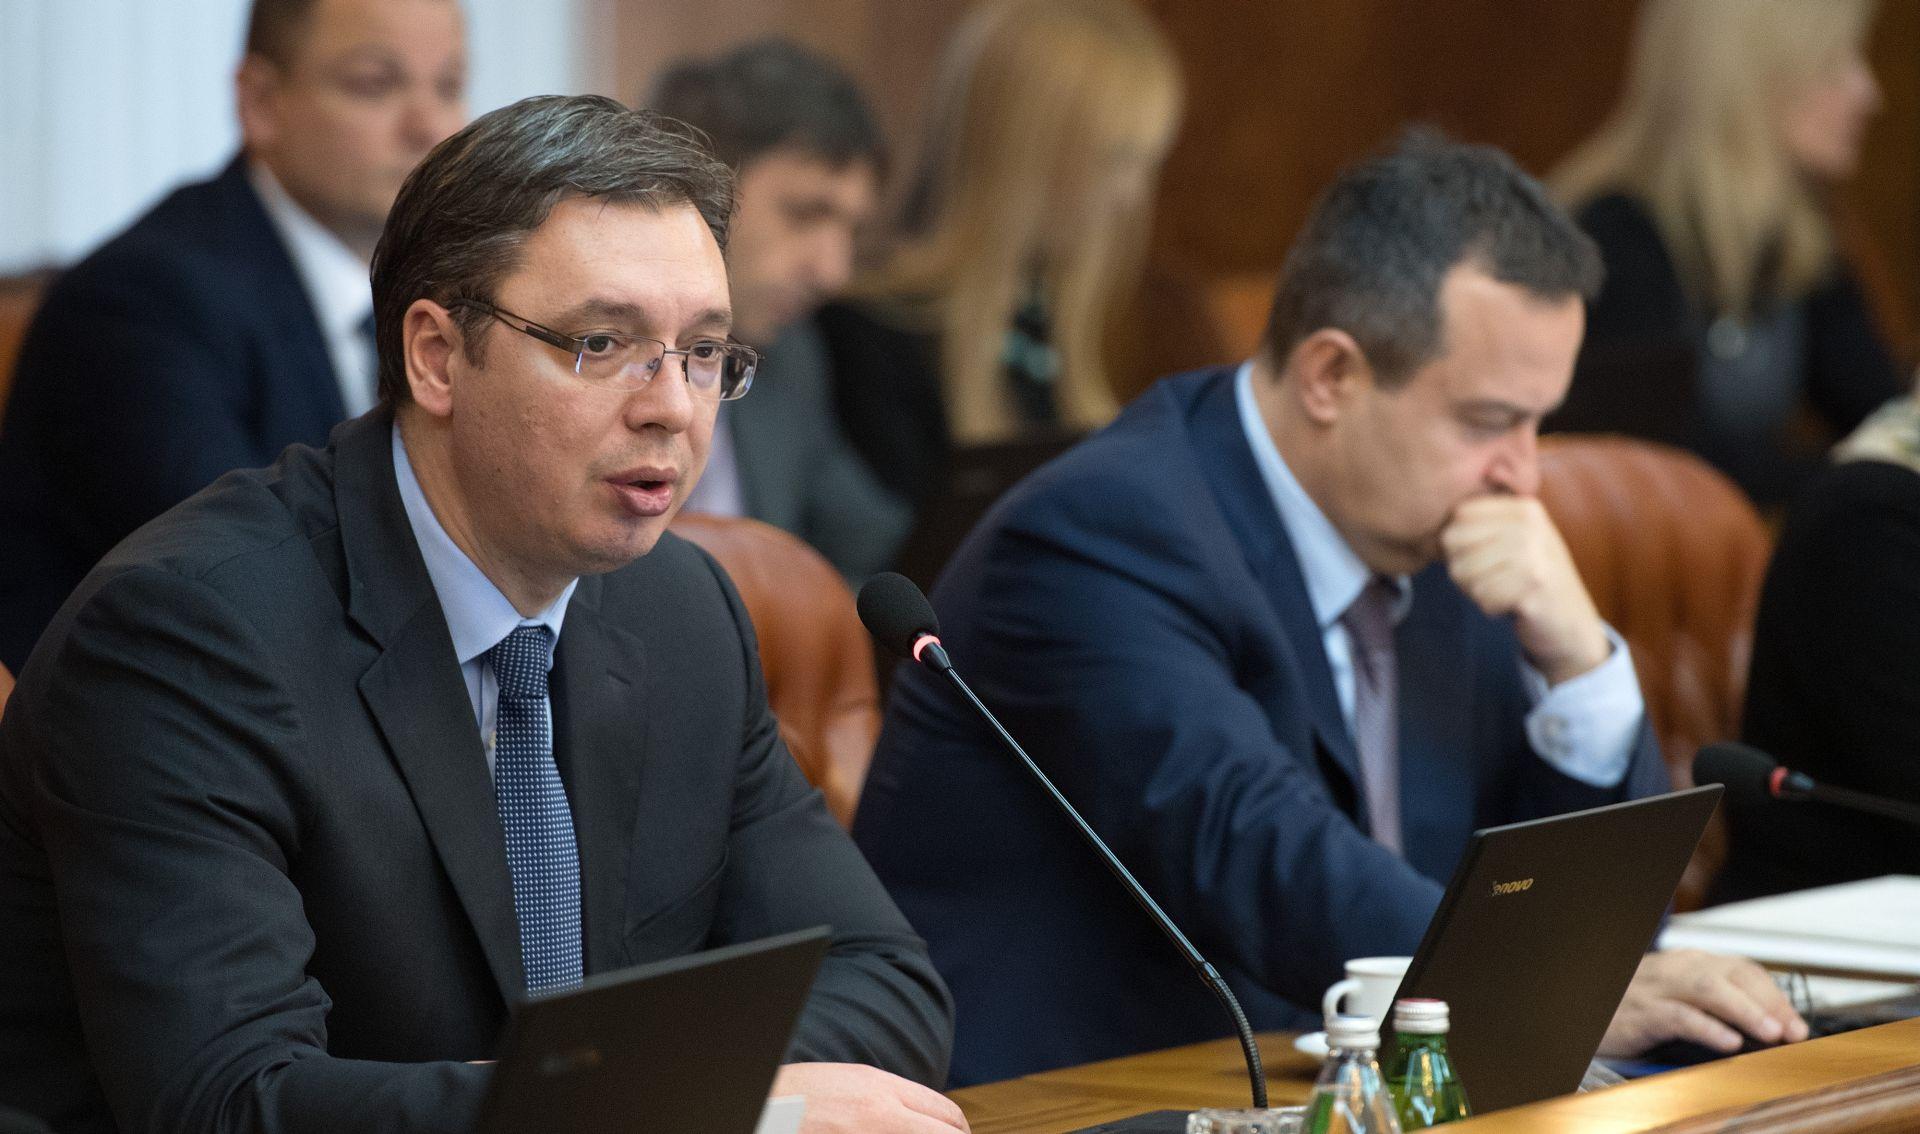 SRBIJANSKI MEDIJI 'Hrvatska se još uvijek protivi otvaranju novih poglavlja'